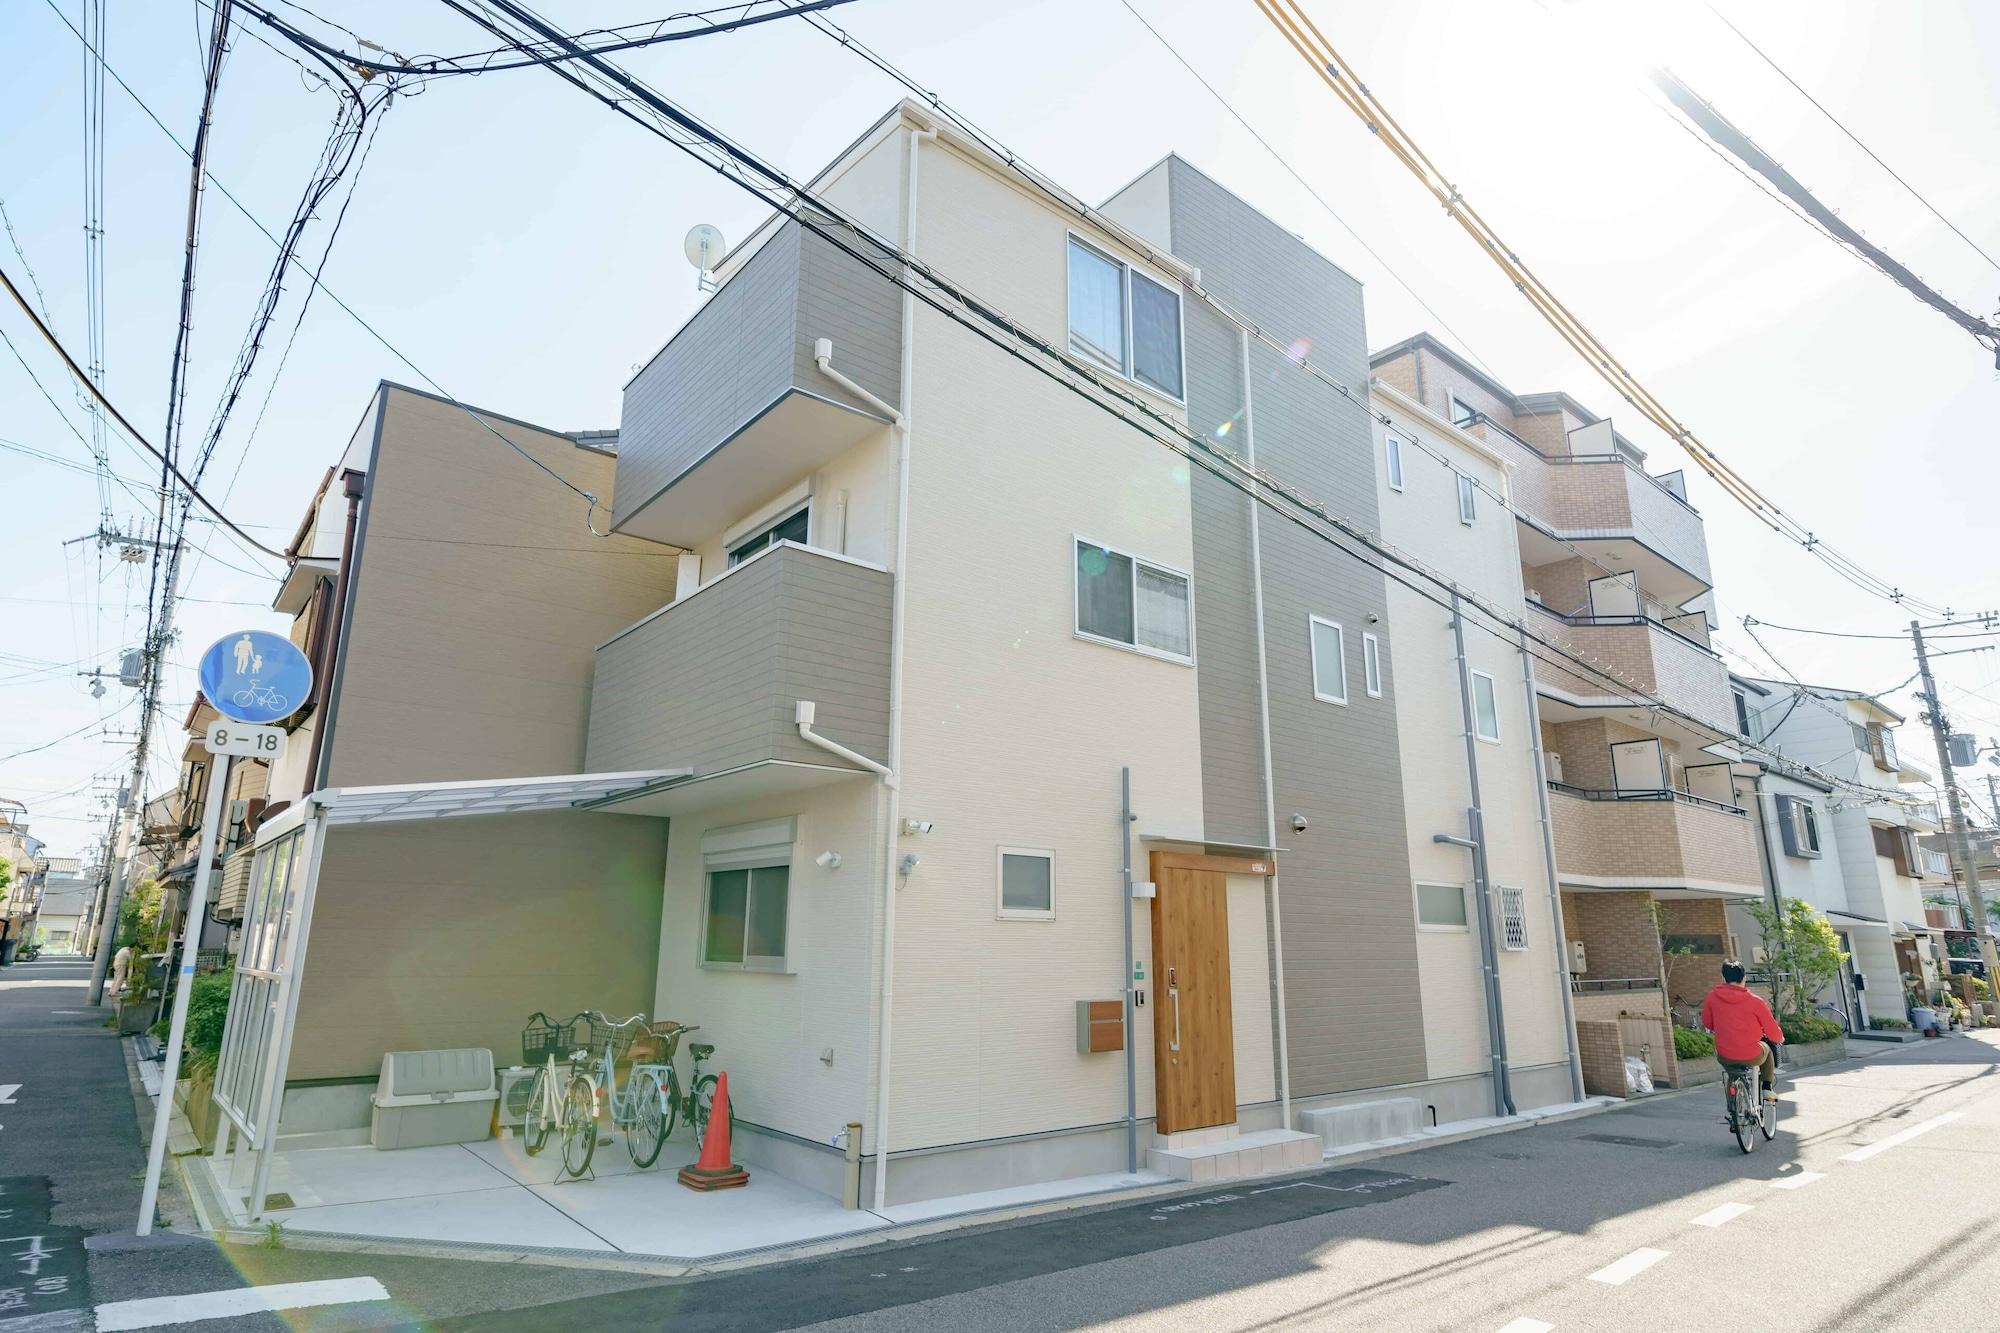 osaka yeon house, Osaka